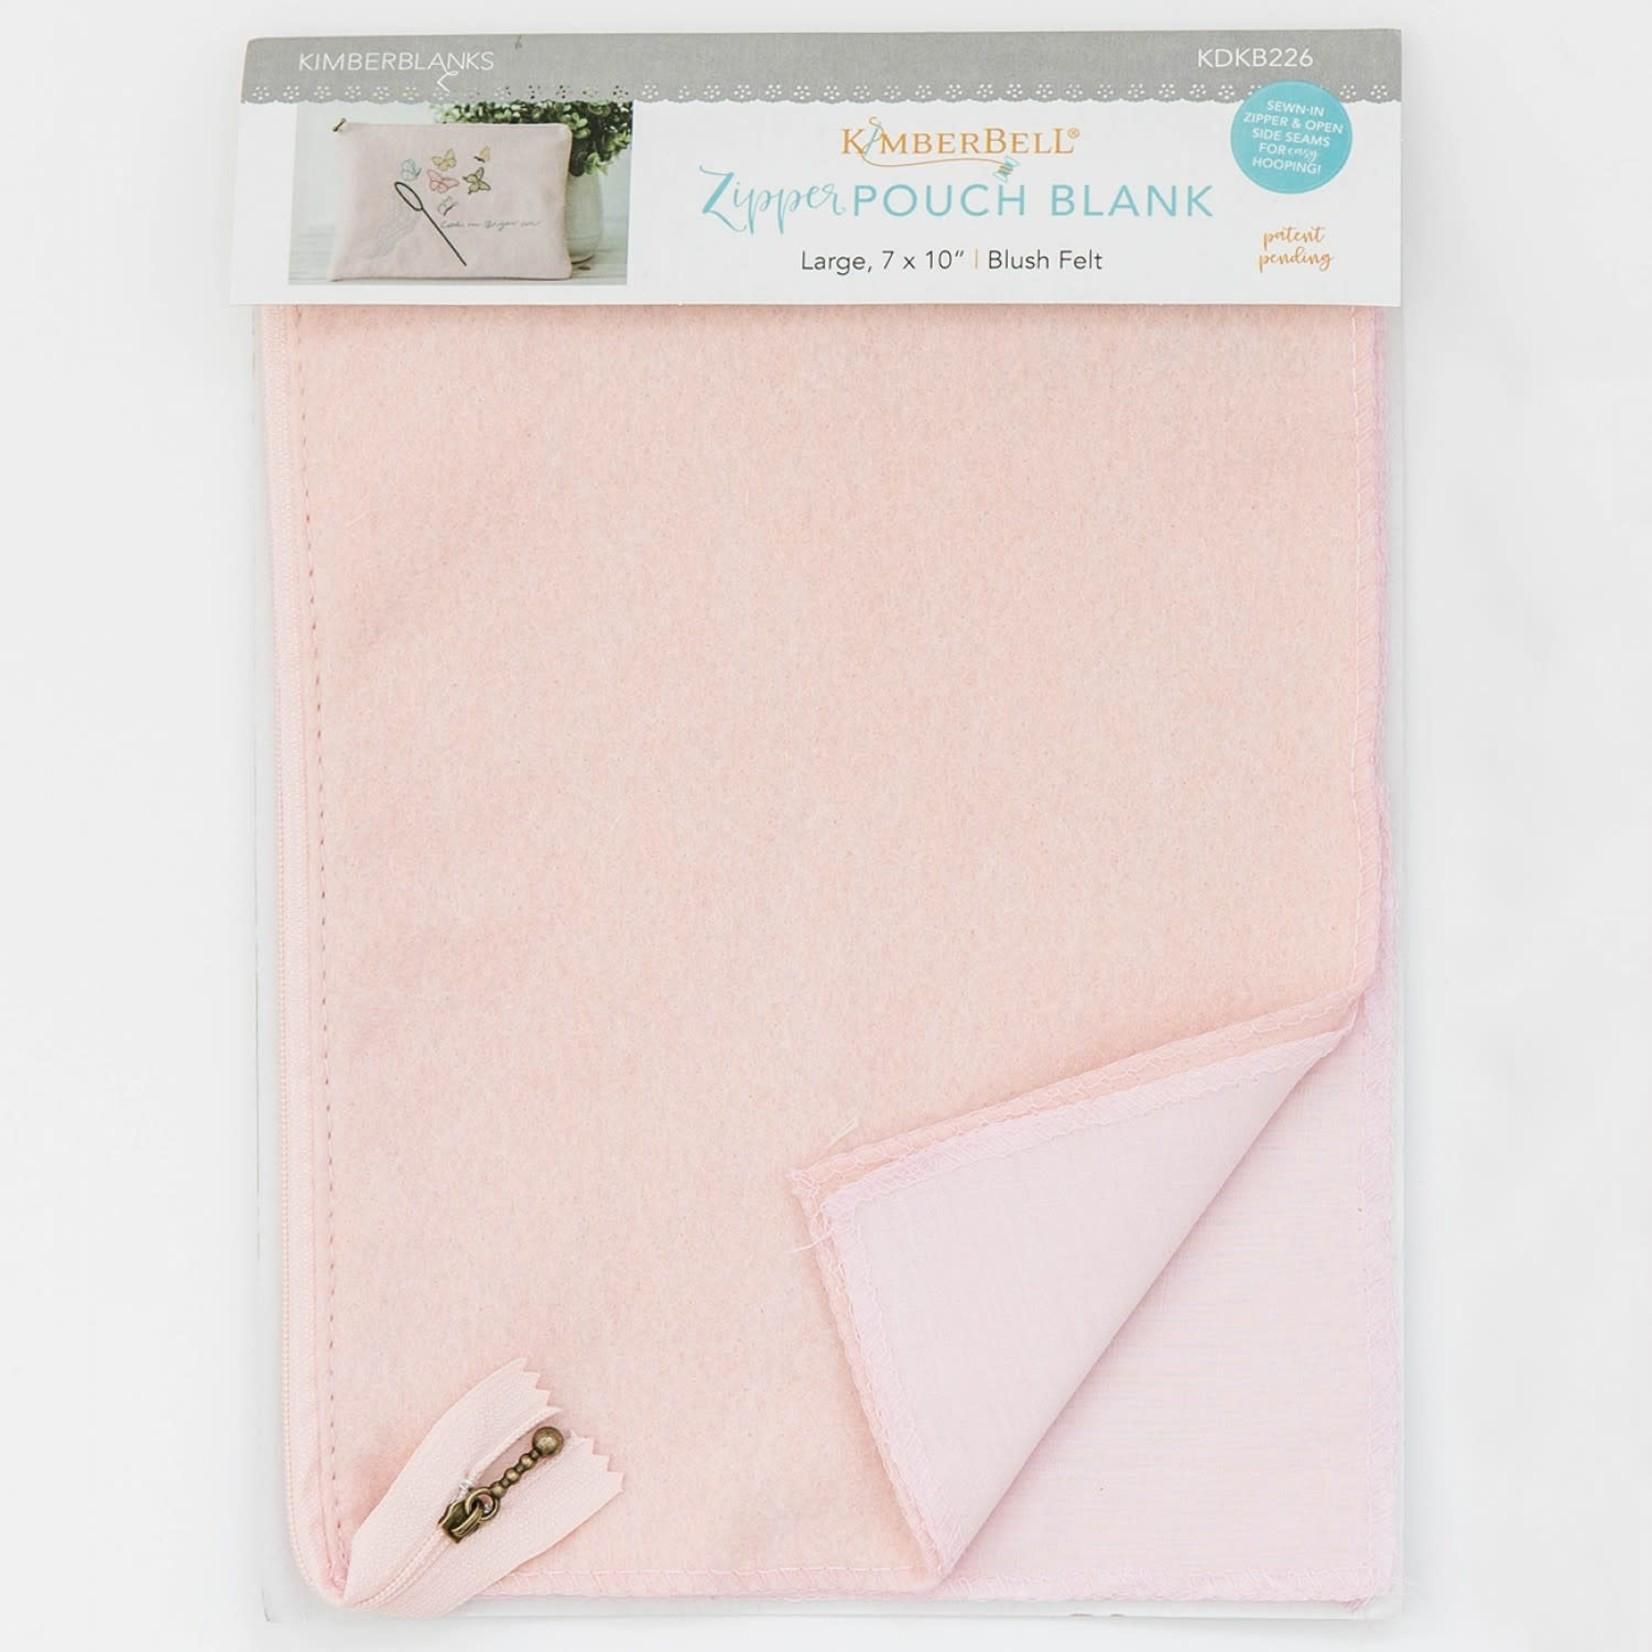 Kimberbell Designs Blush Felt Zipper Pouch Blank, Large